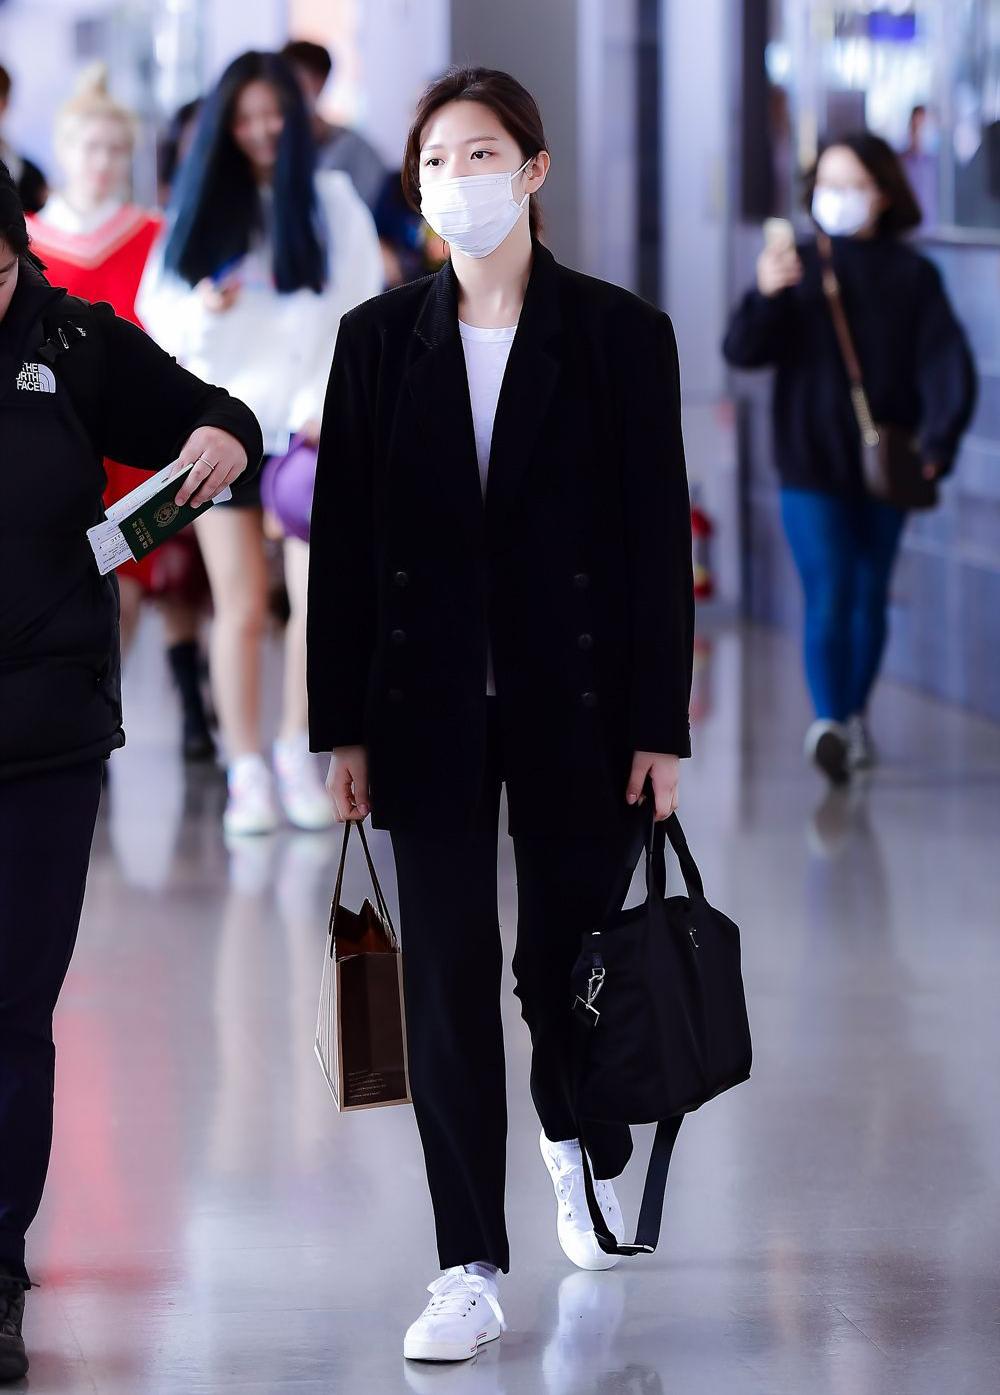 Có thân hình được khen mannequin sống với chiều cao như người mẫu, Jung Yeon chỉ cần mặc đơn giản đã đủ khoe khí chất.